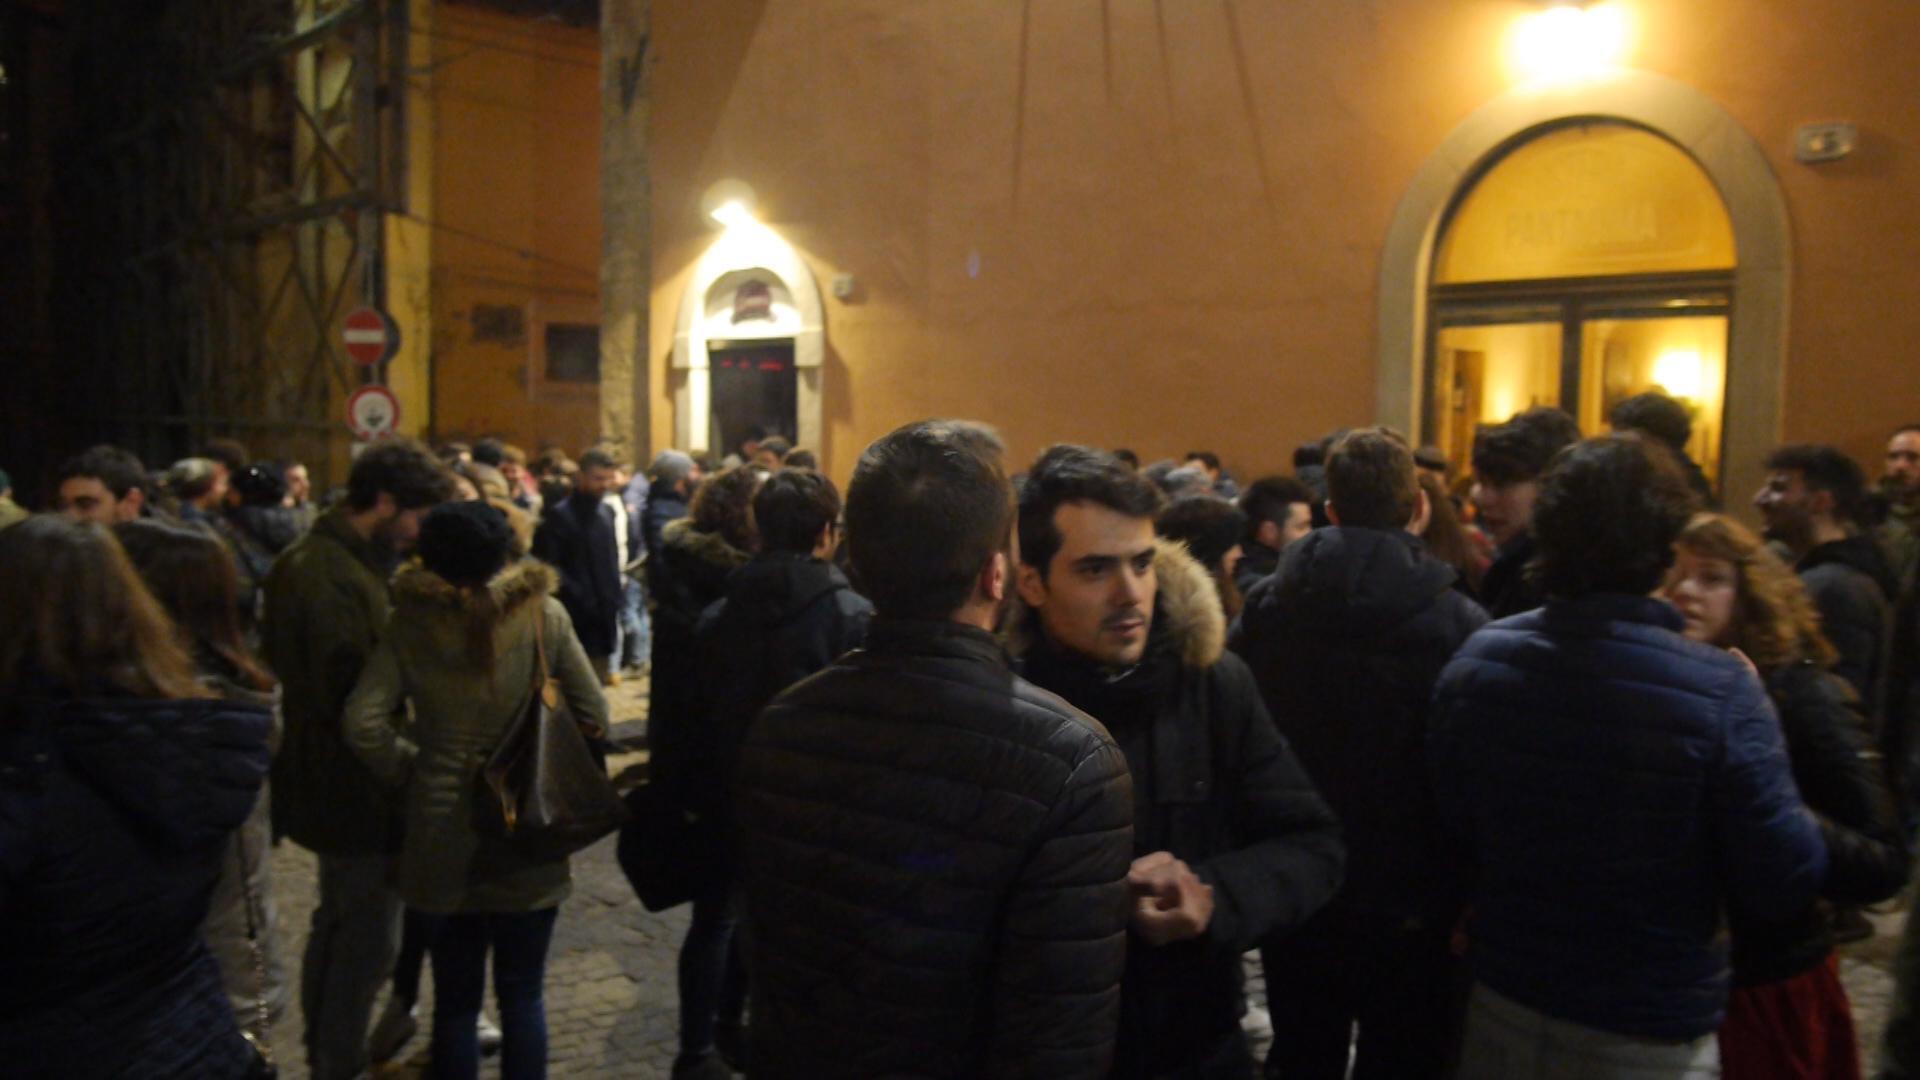 Vox adolescenti: L'Aquila città insoddisfacente